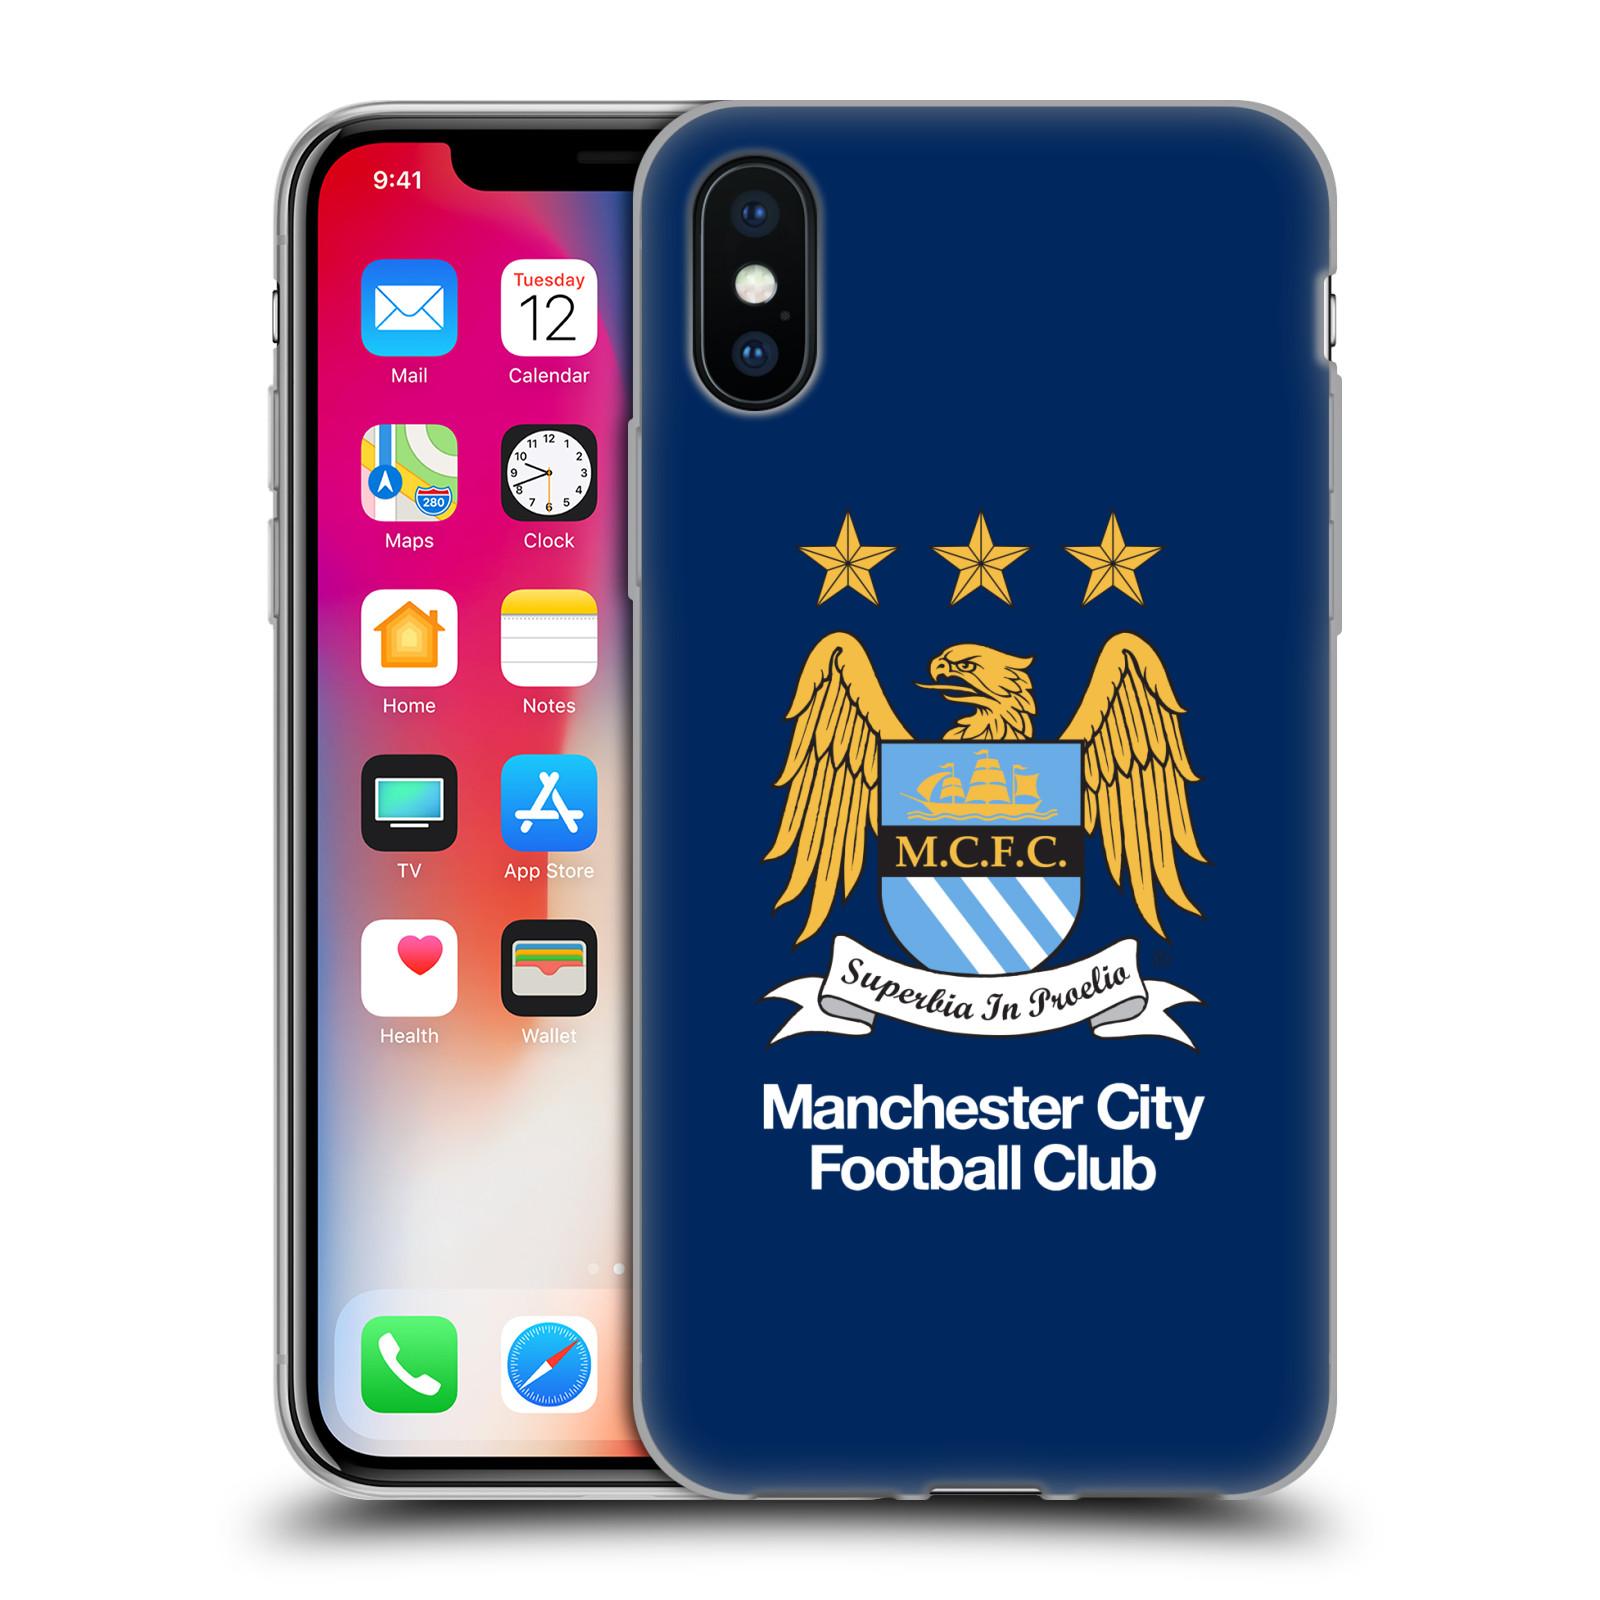 HEAD CASE silikonový obal na mobil Apple Iphone X Fotbalový klub Manchester City modré pozadí velký znak